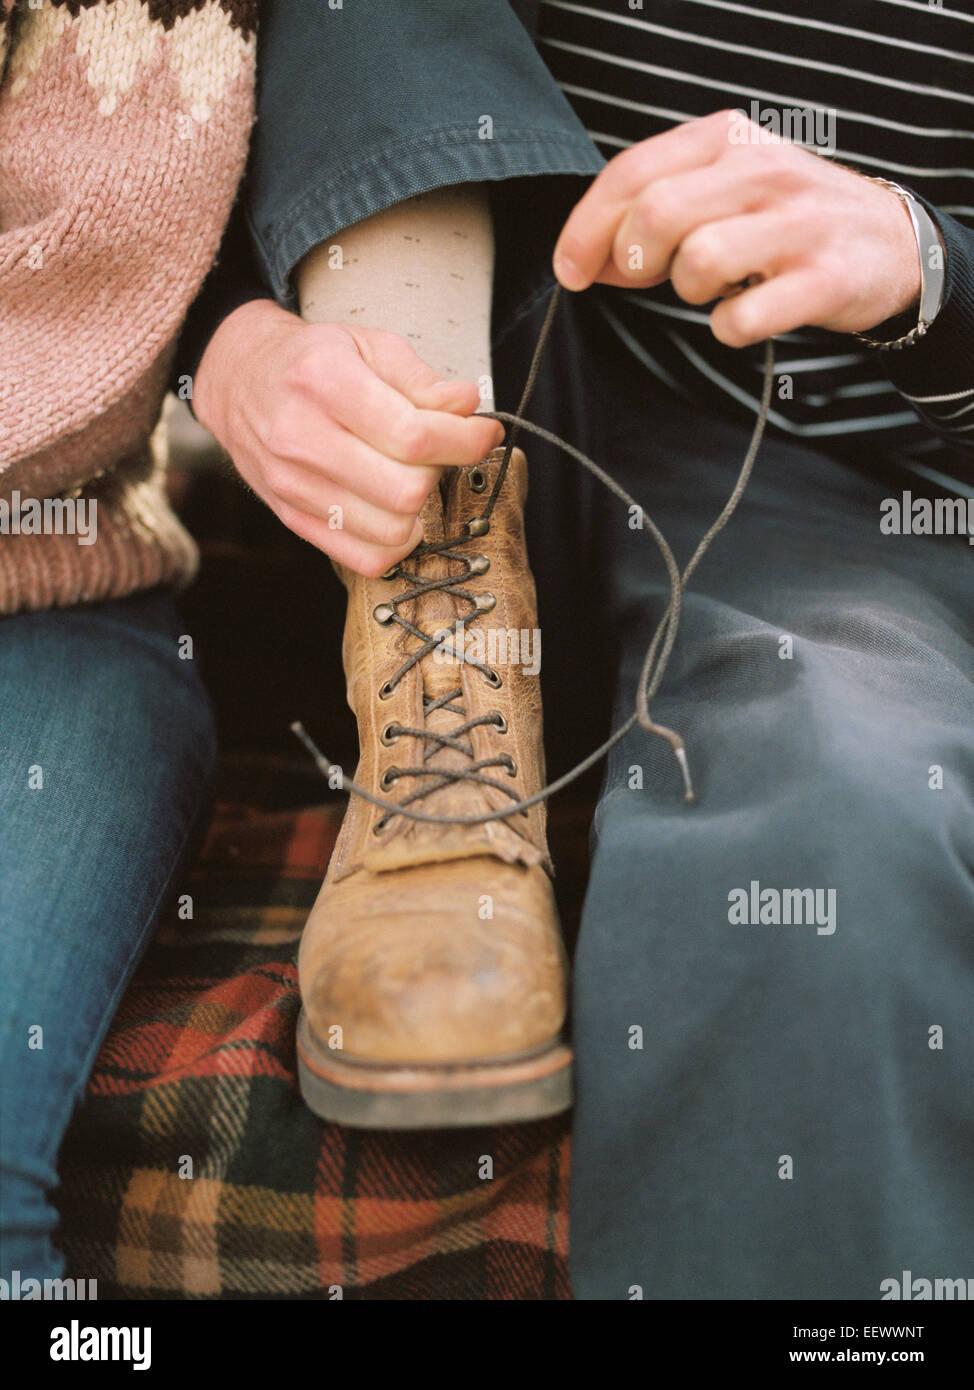 Cerca de un hombre atando sus cordones de zapatos. Imagen De Stock